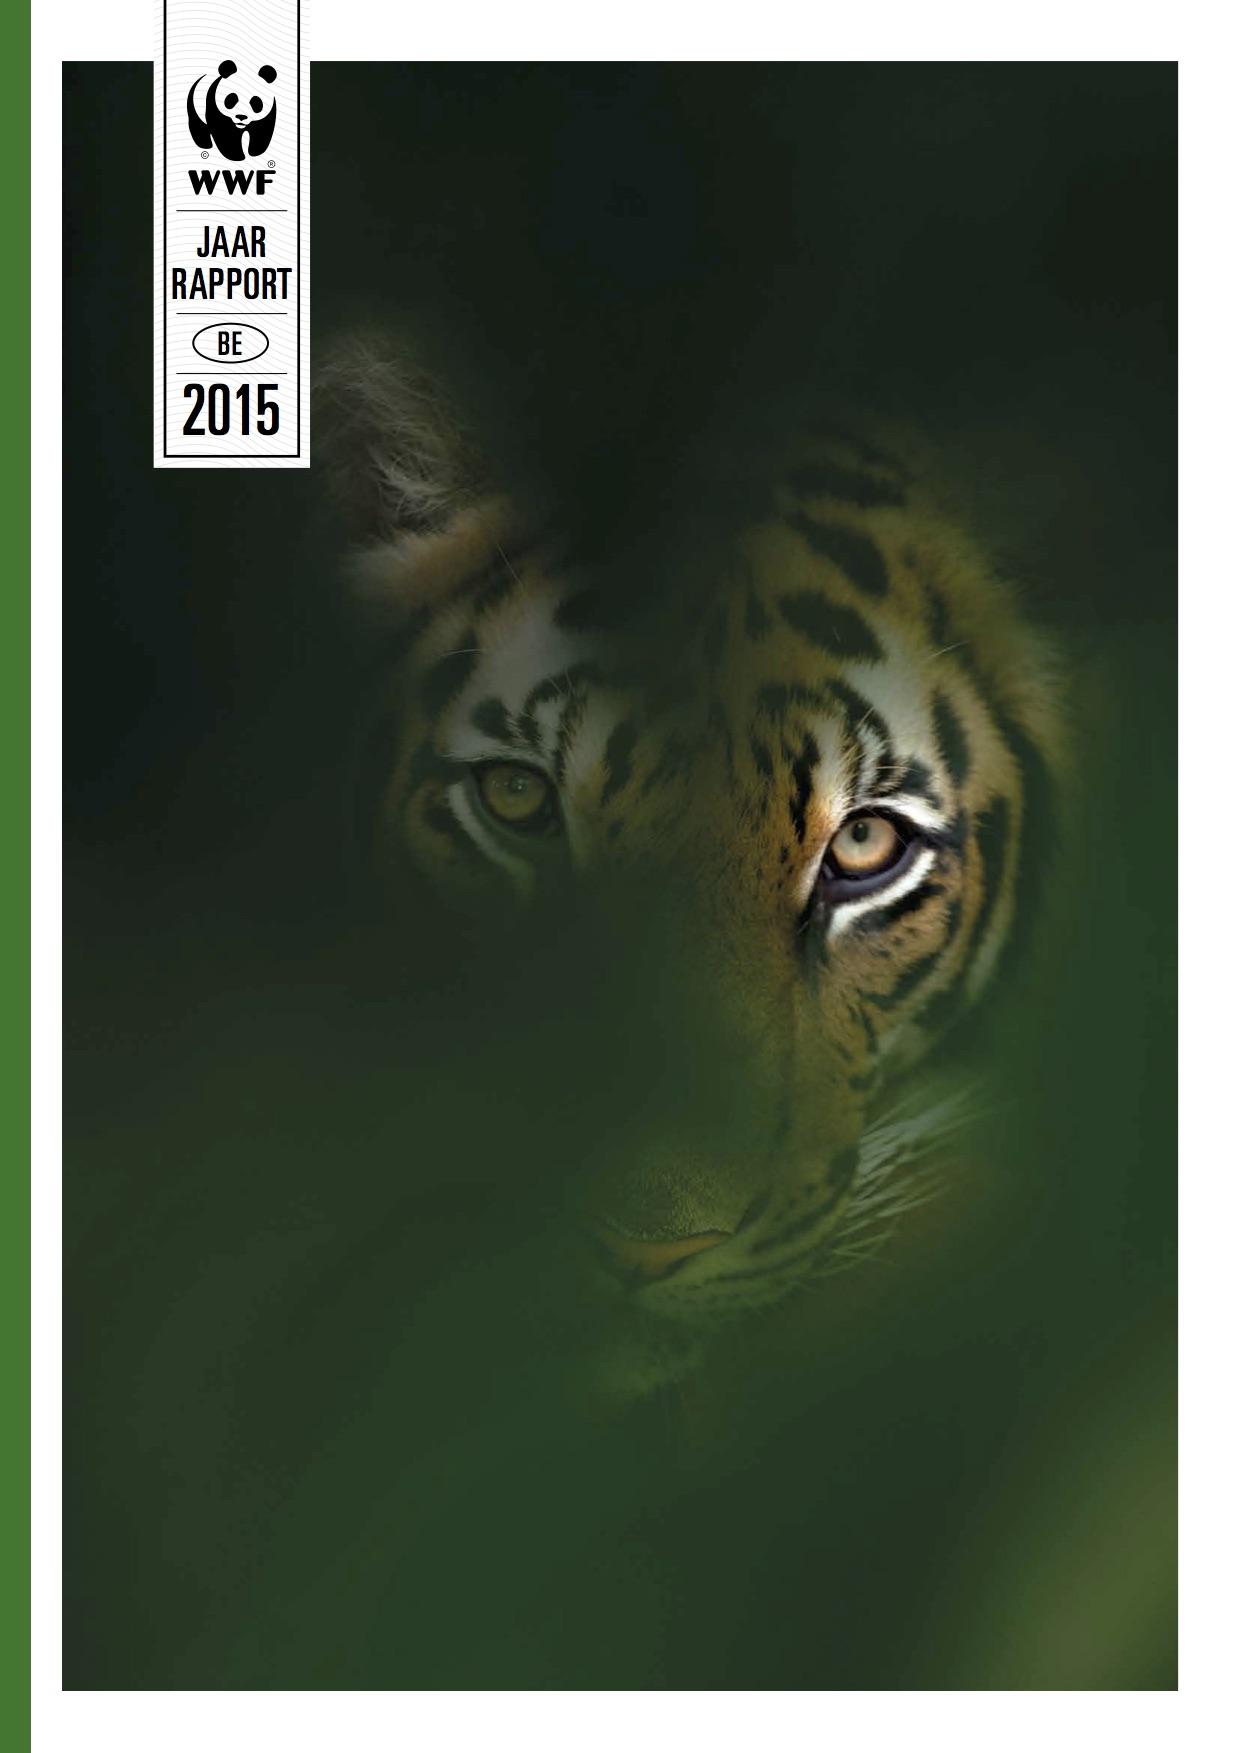 WWF - Jaarrapport. Volledige redactie van het jaarrapport.